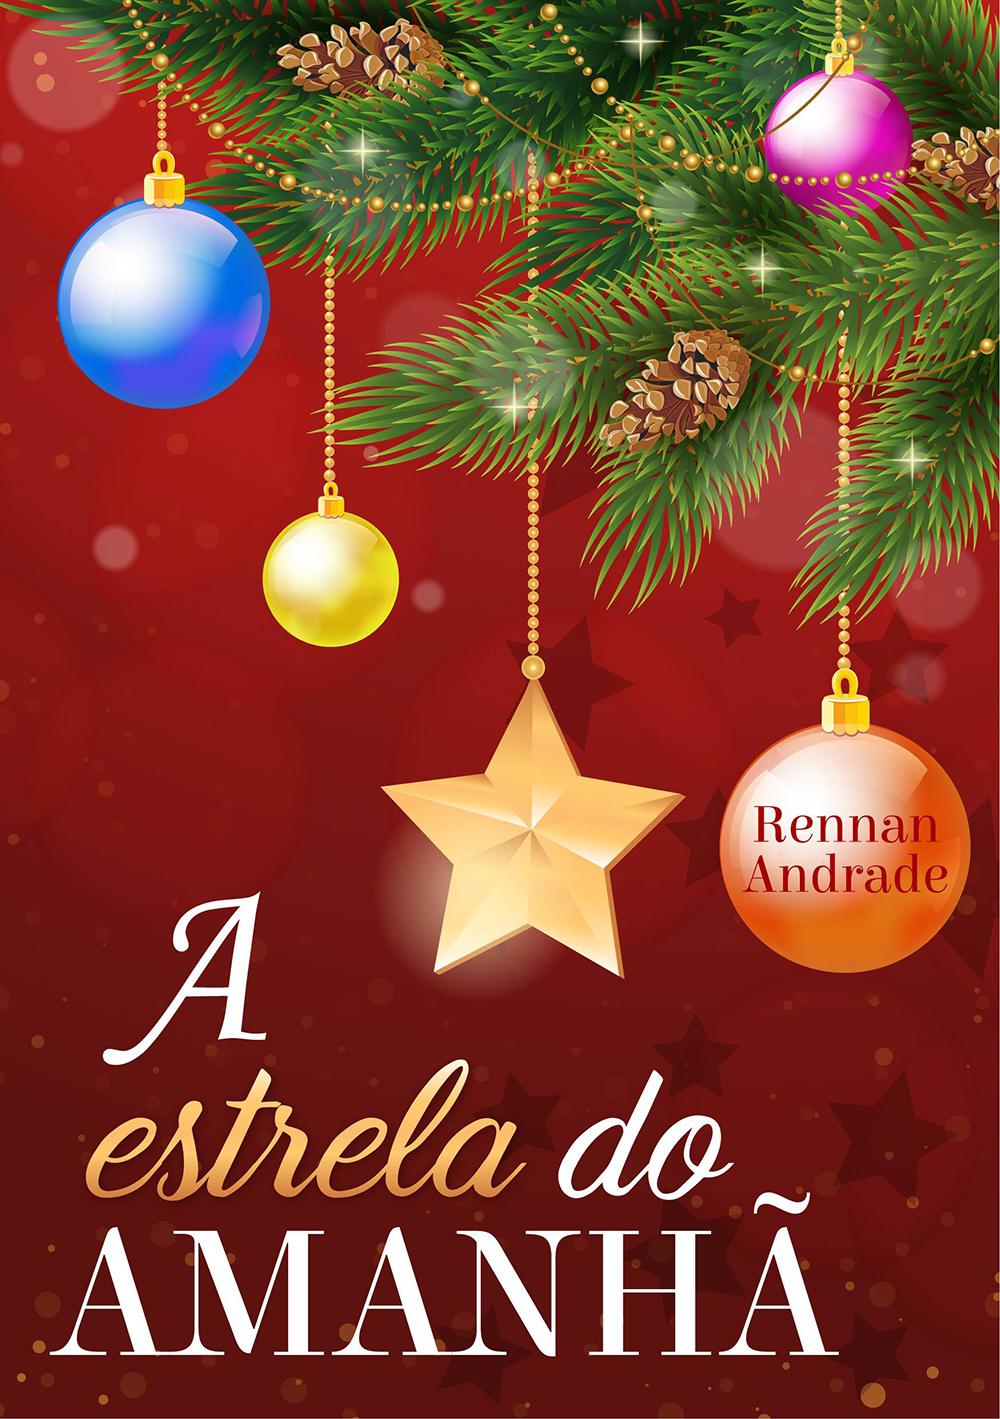 A Estrela do Amanhã, conto natalino